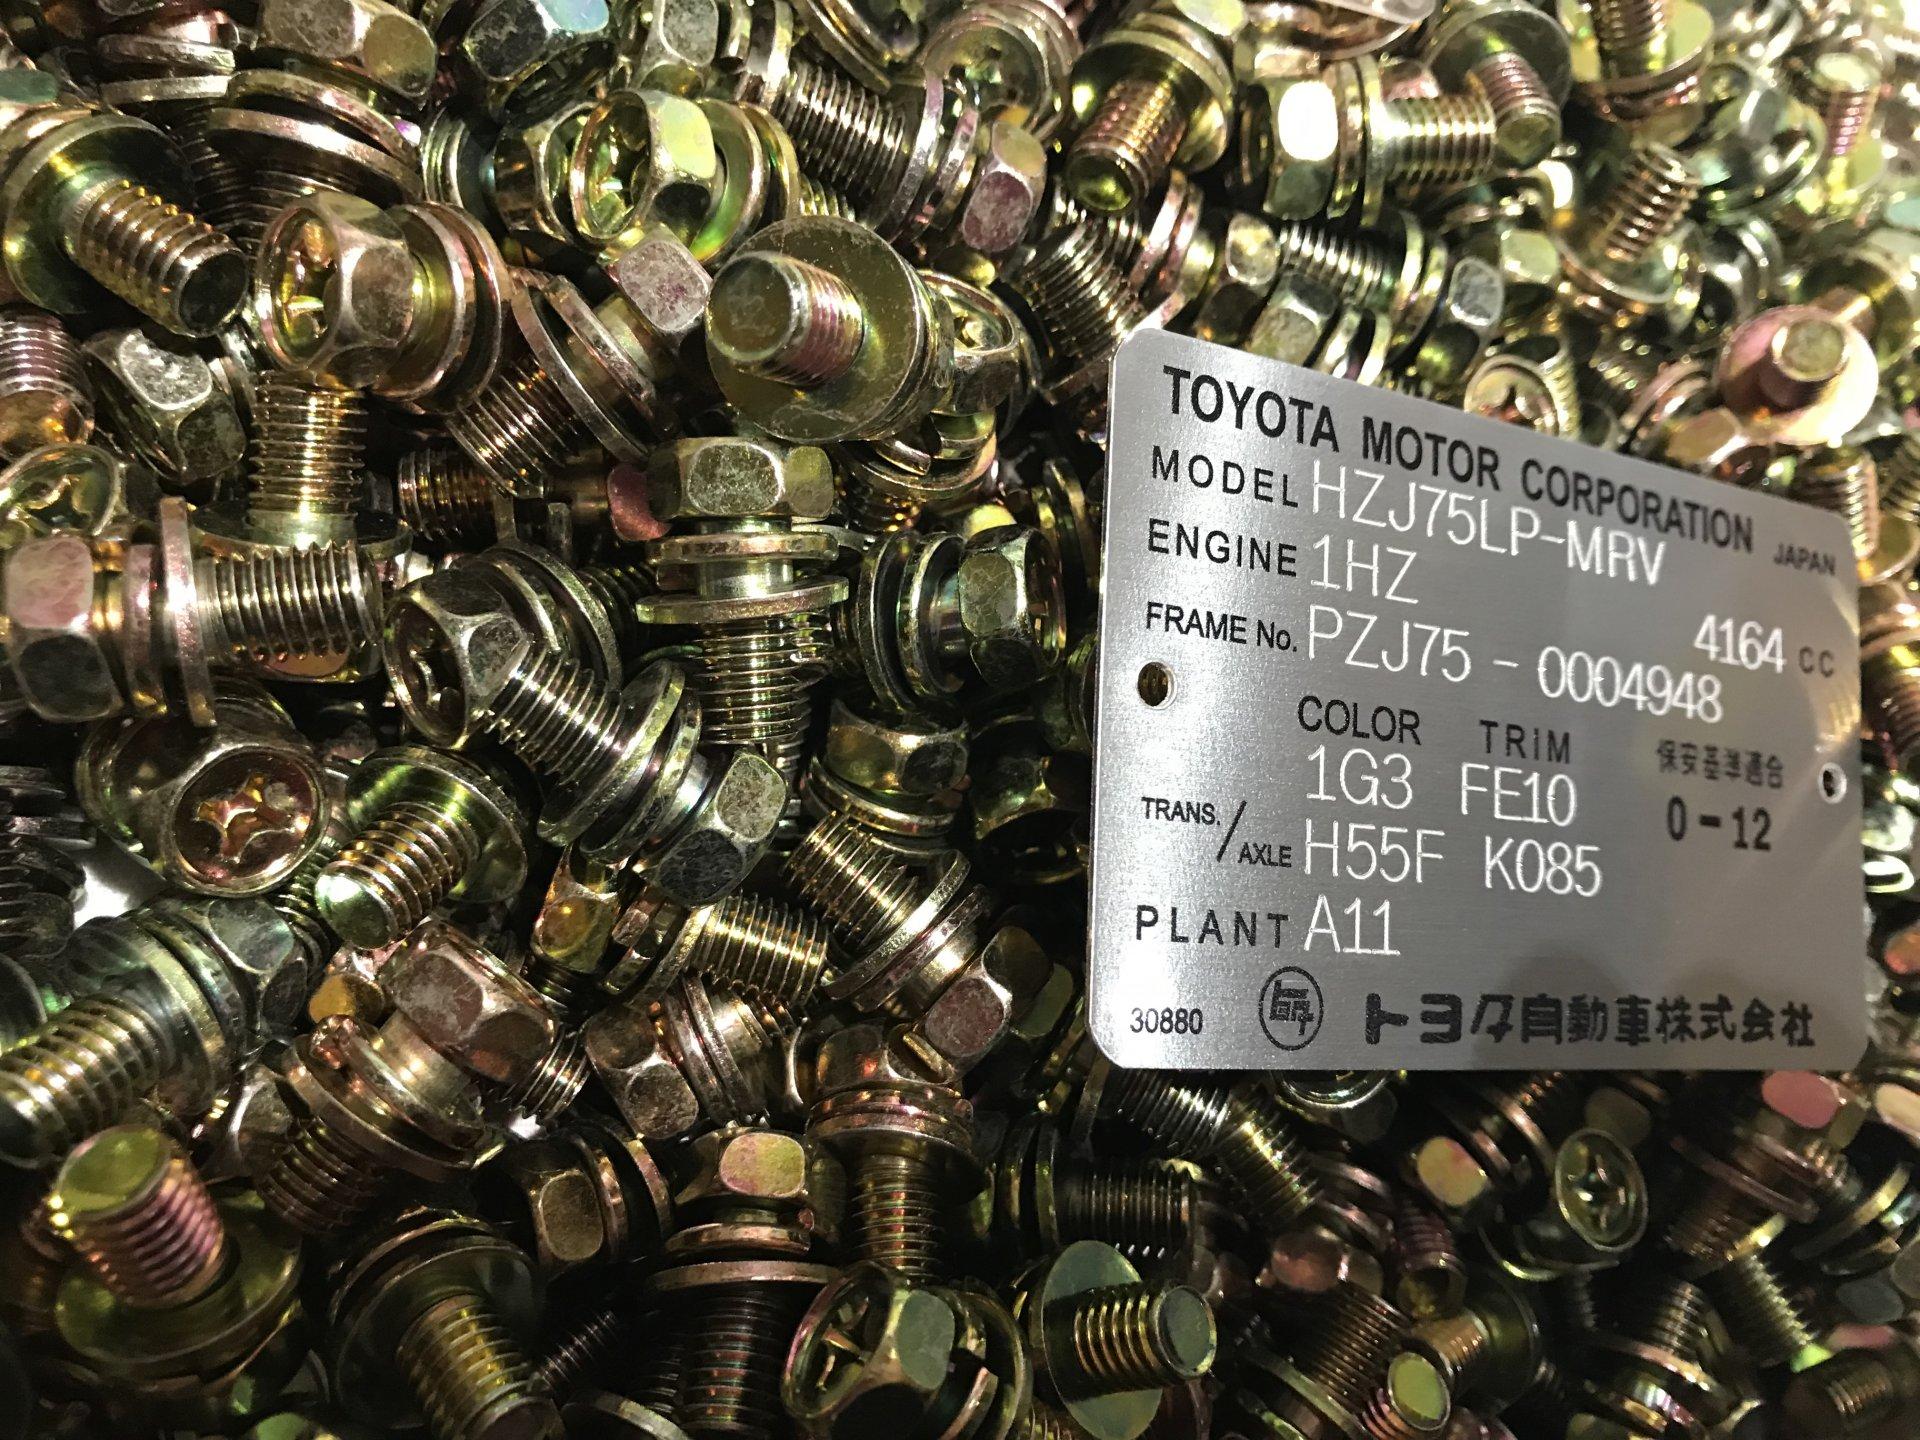 C7E8B54C-4E06-4E3C-93D5-FB9AE0C045AC.jpeg